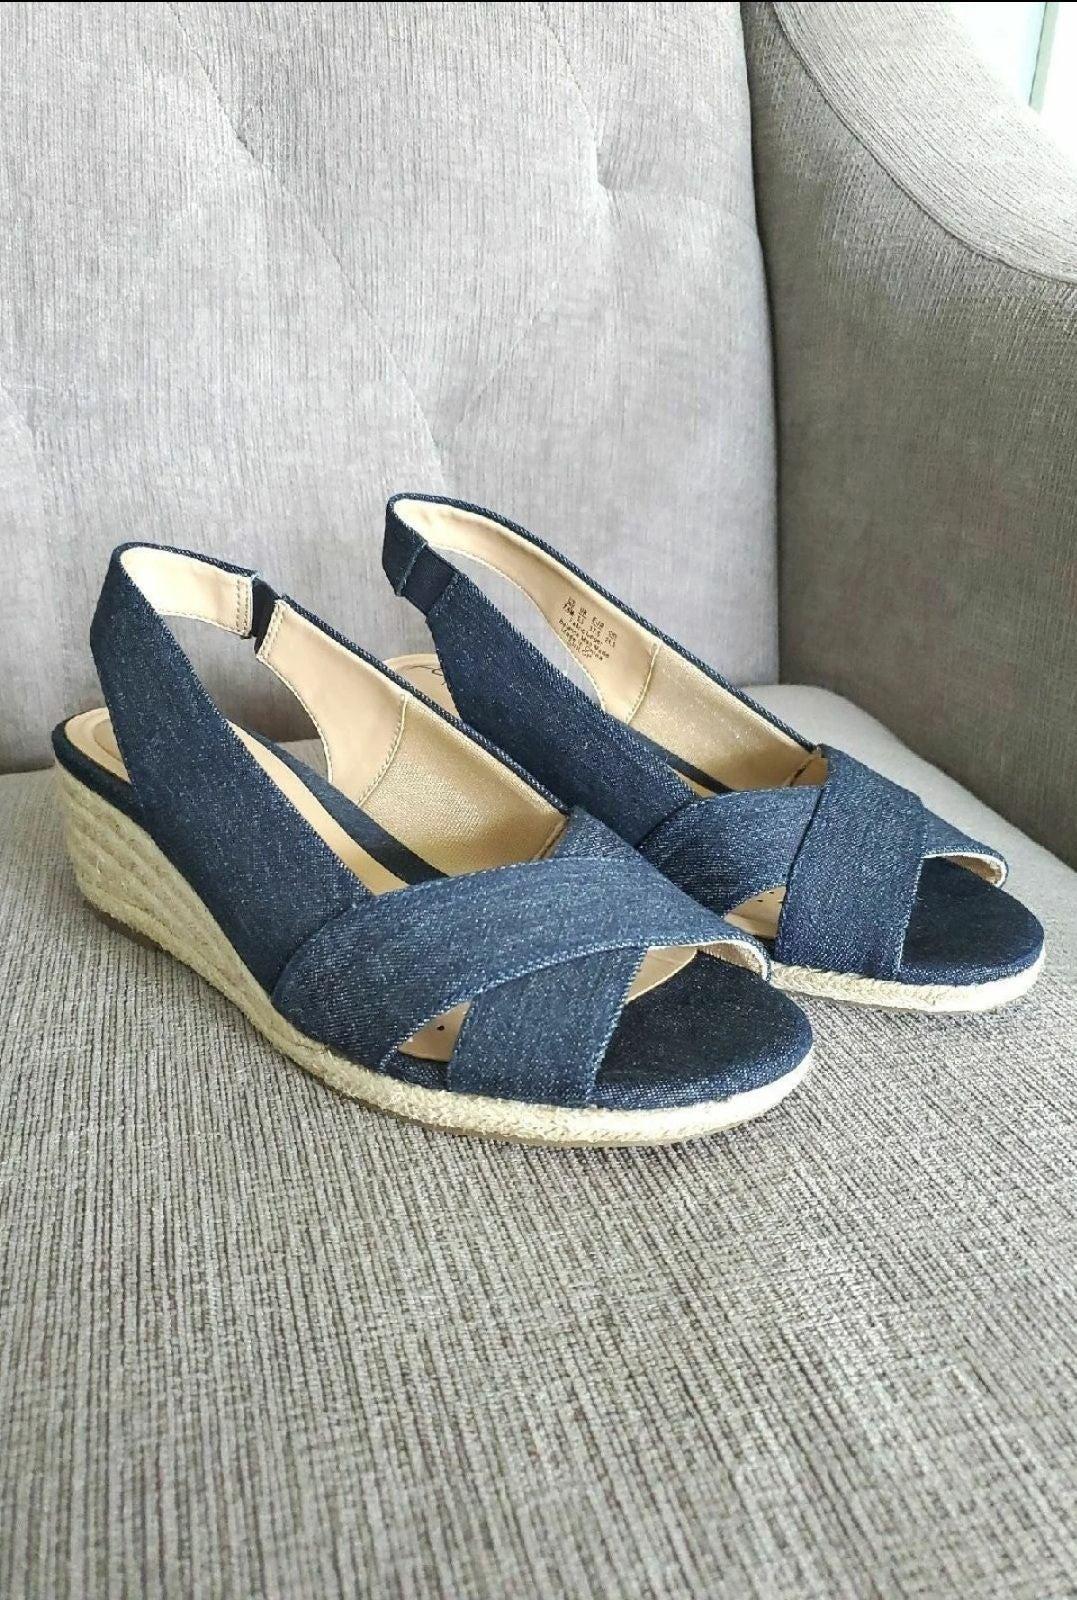 Size 7.5 Denim Womens Wedge Heels Abella